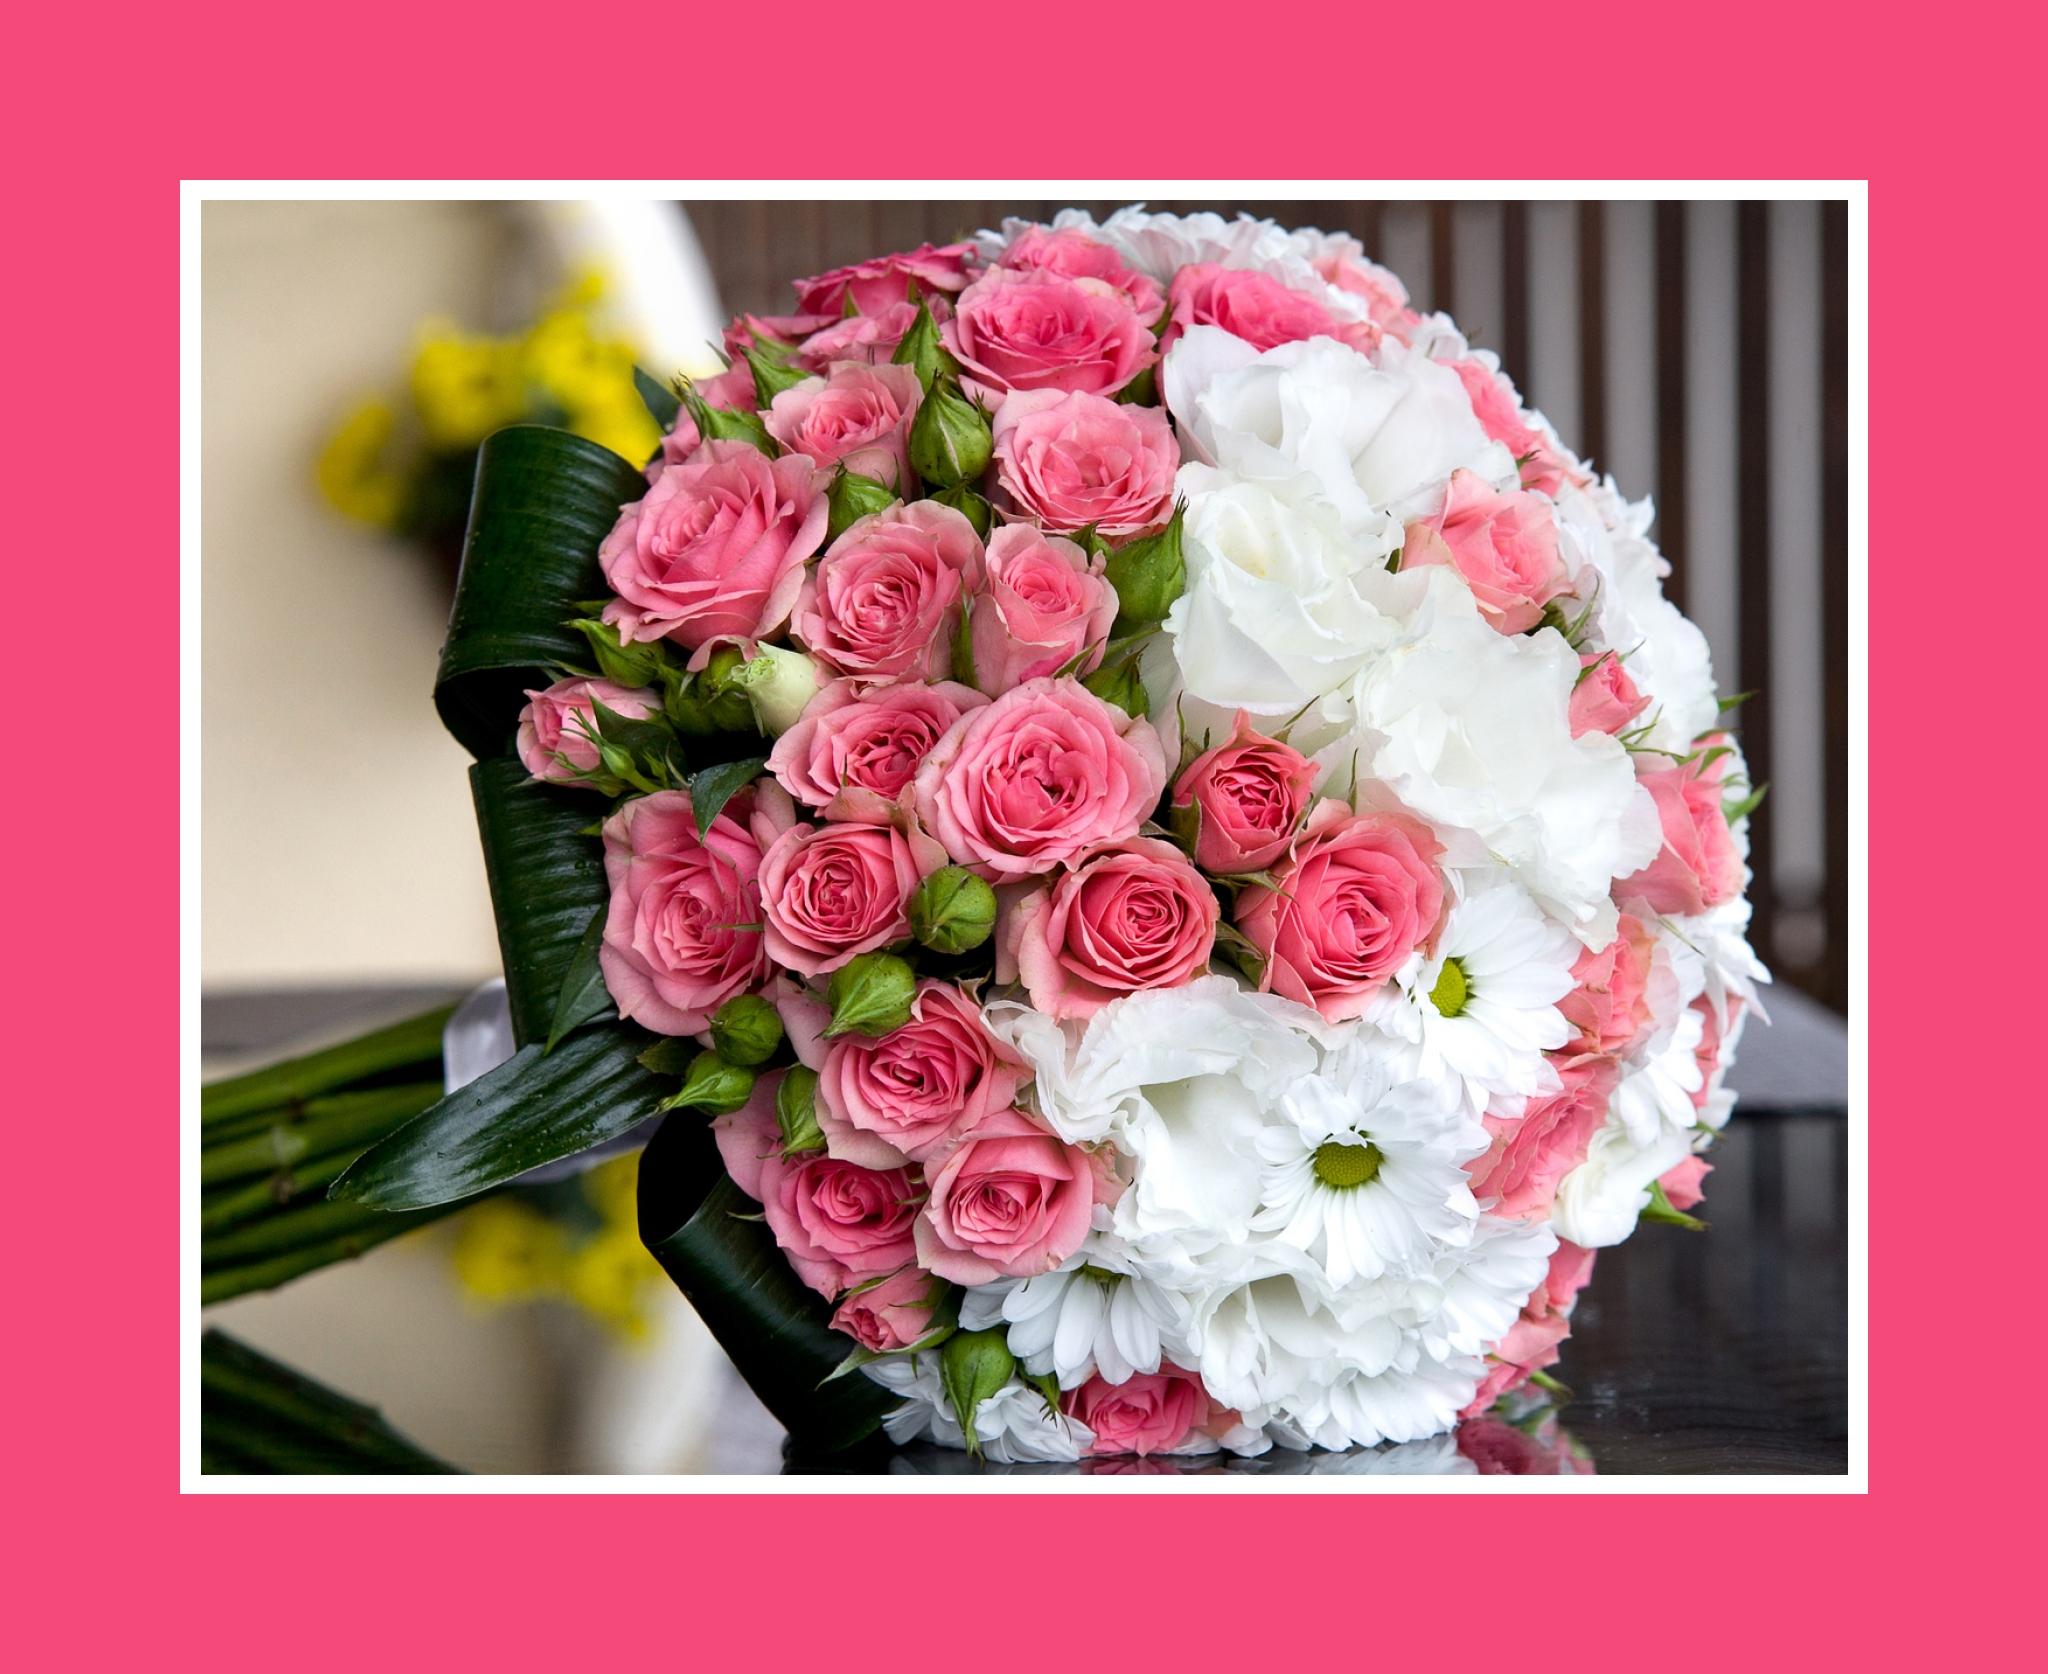 Brautstrauß aus Rosen, Pfingstrosen und Kamillen in Rosa und Weiß